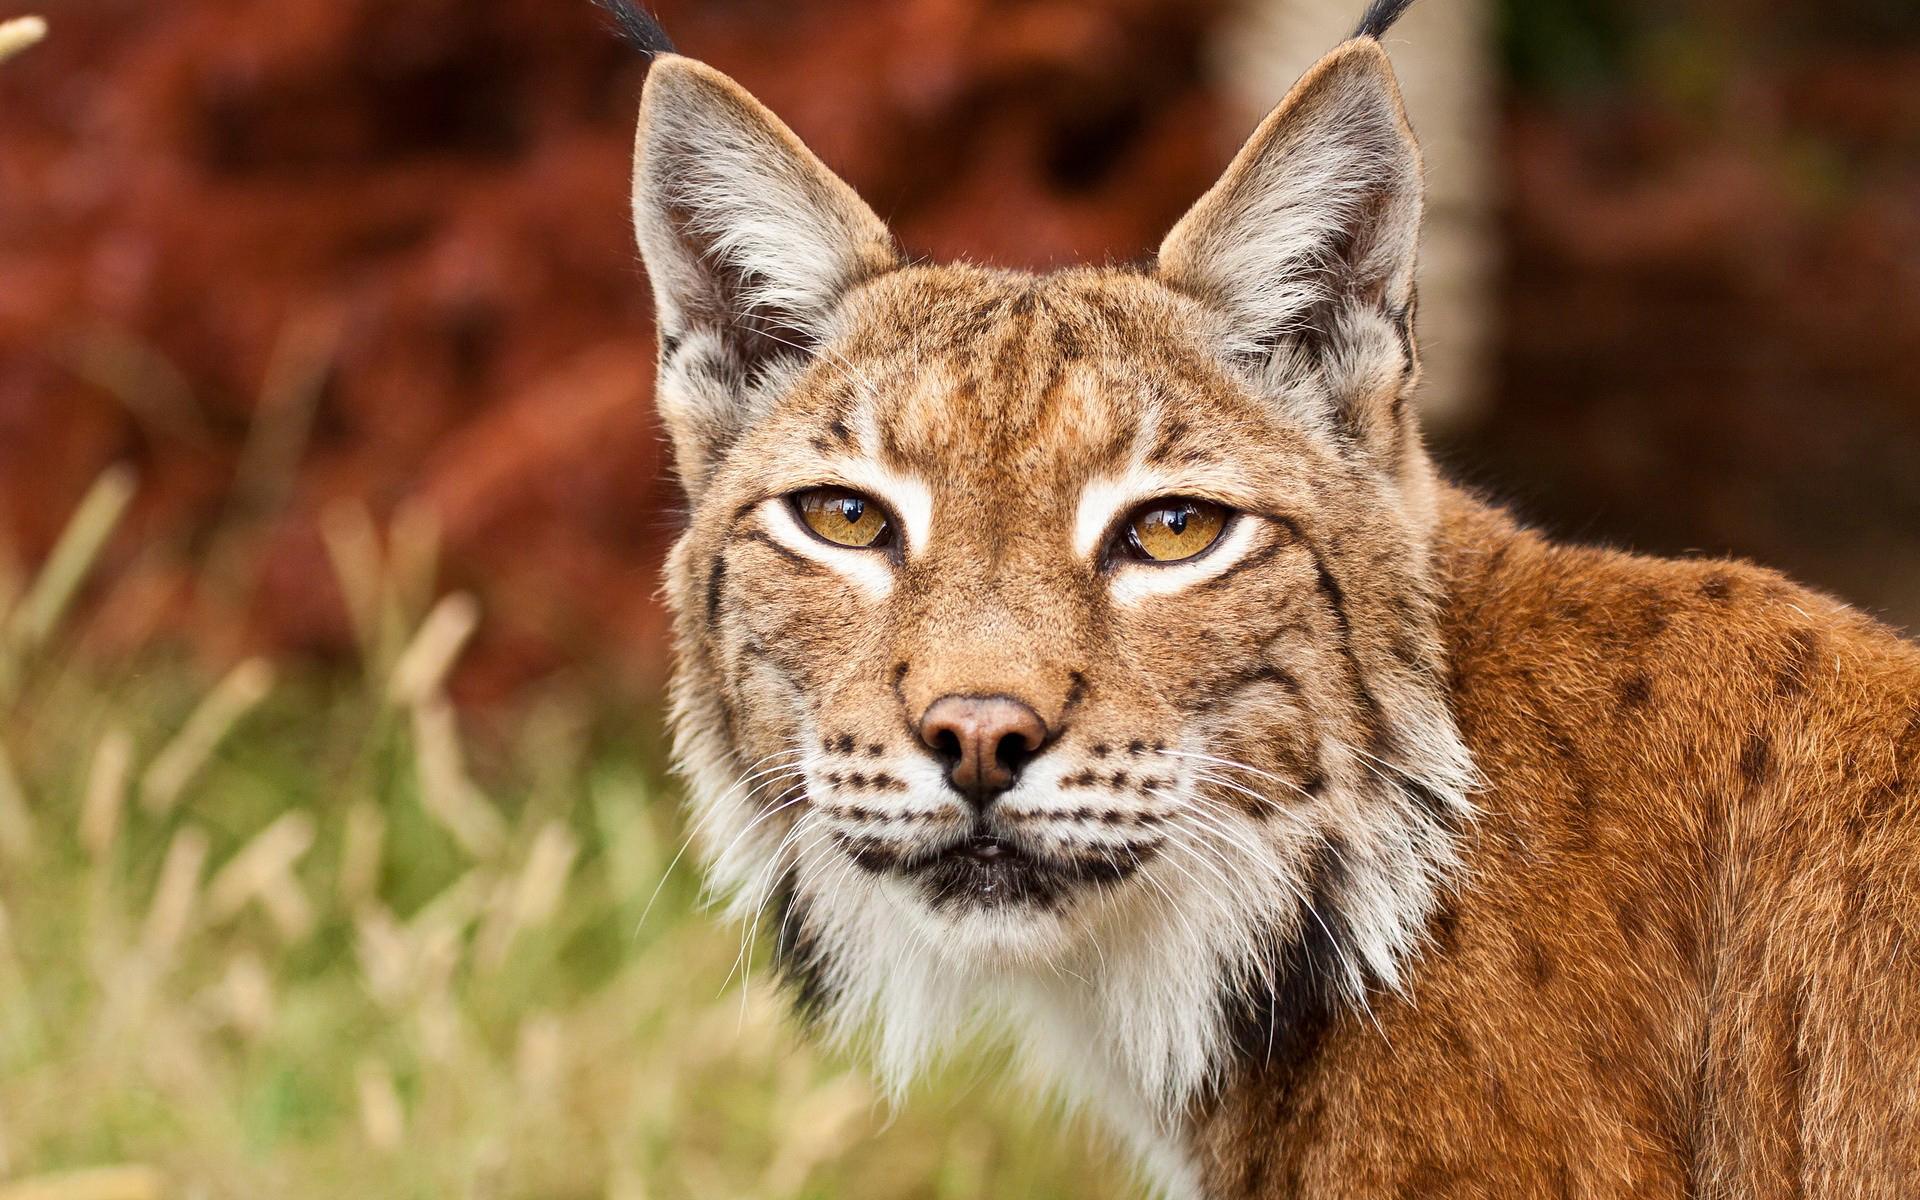 красивые картинки с дикими хищными животными